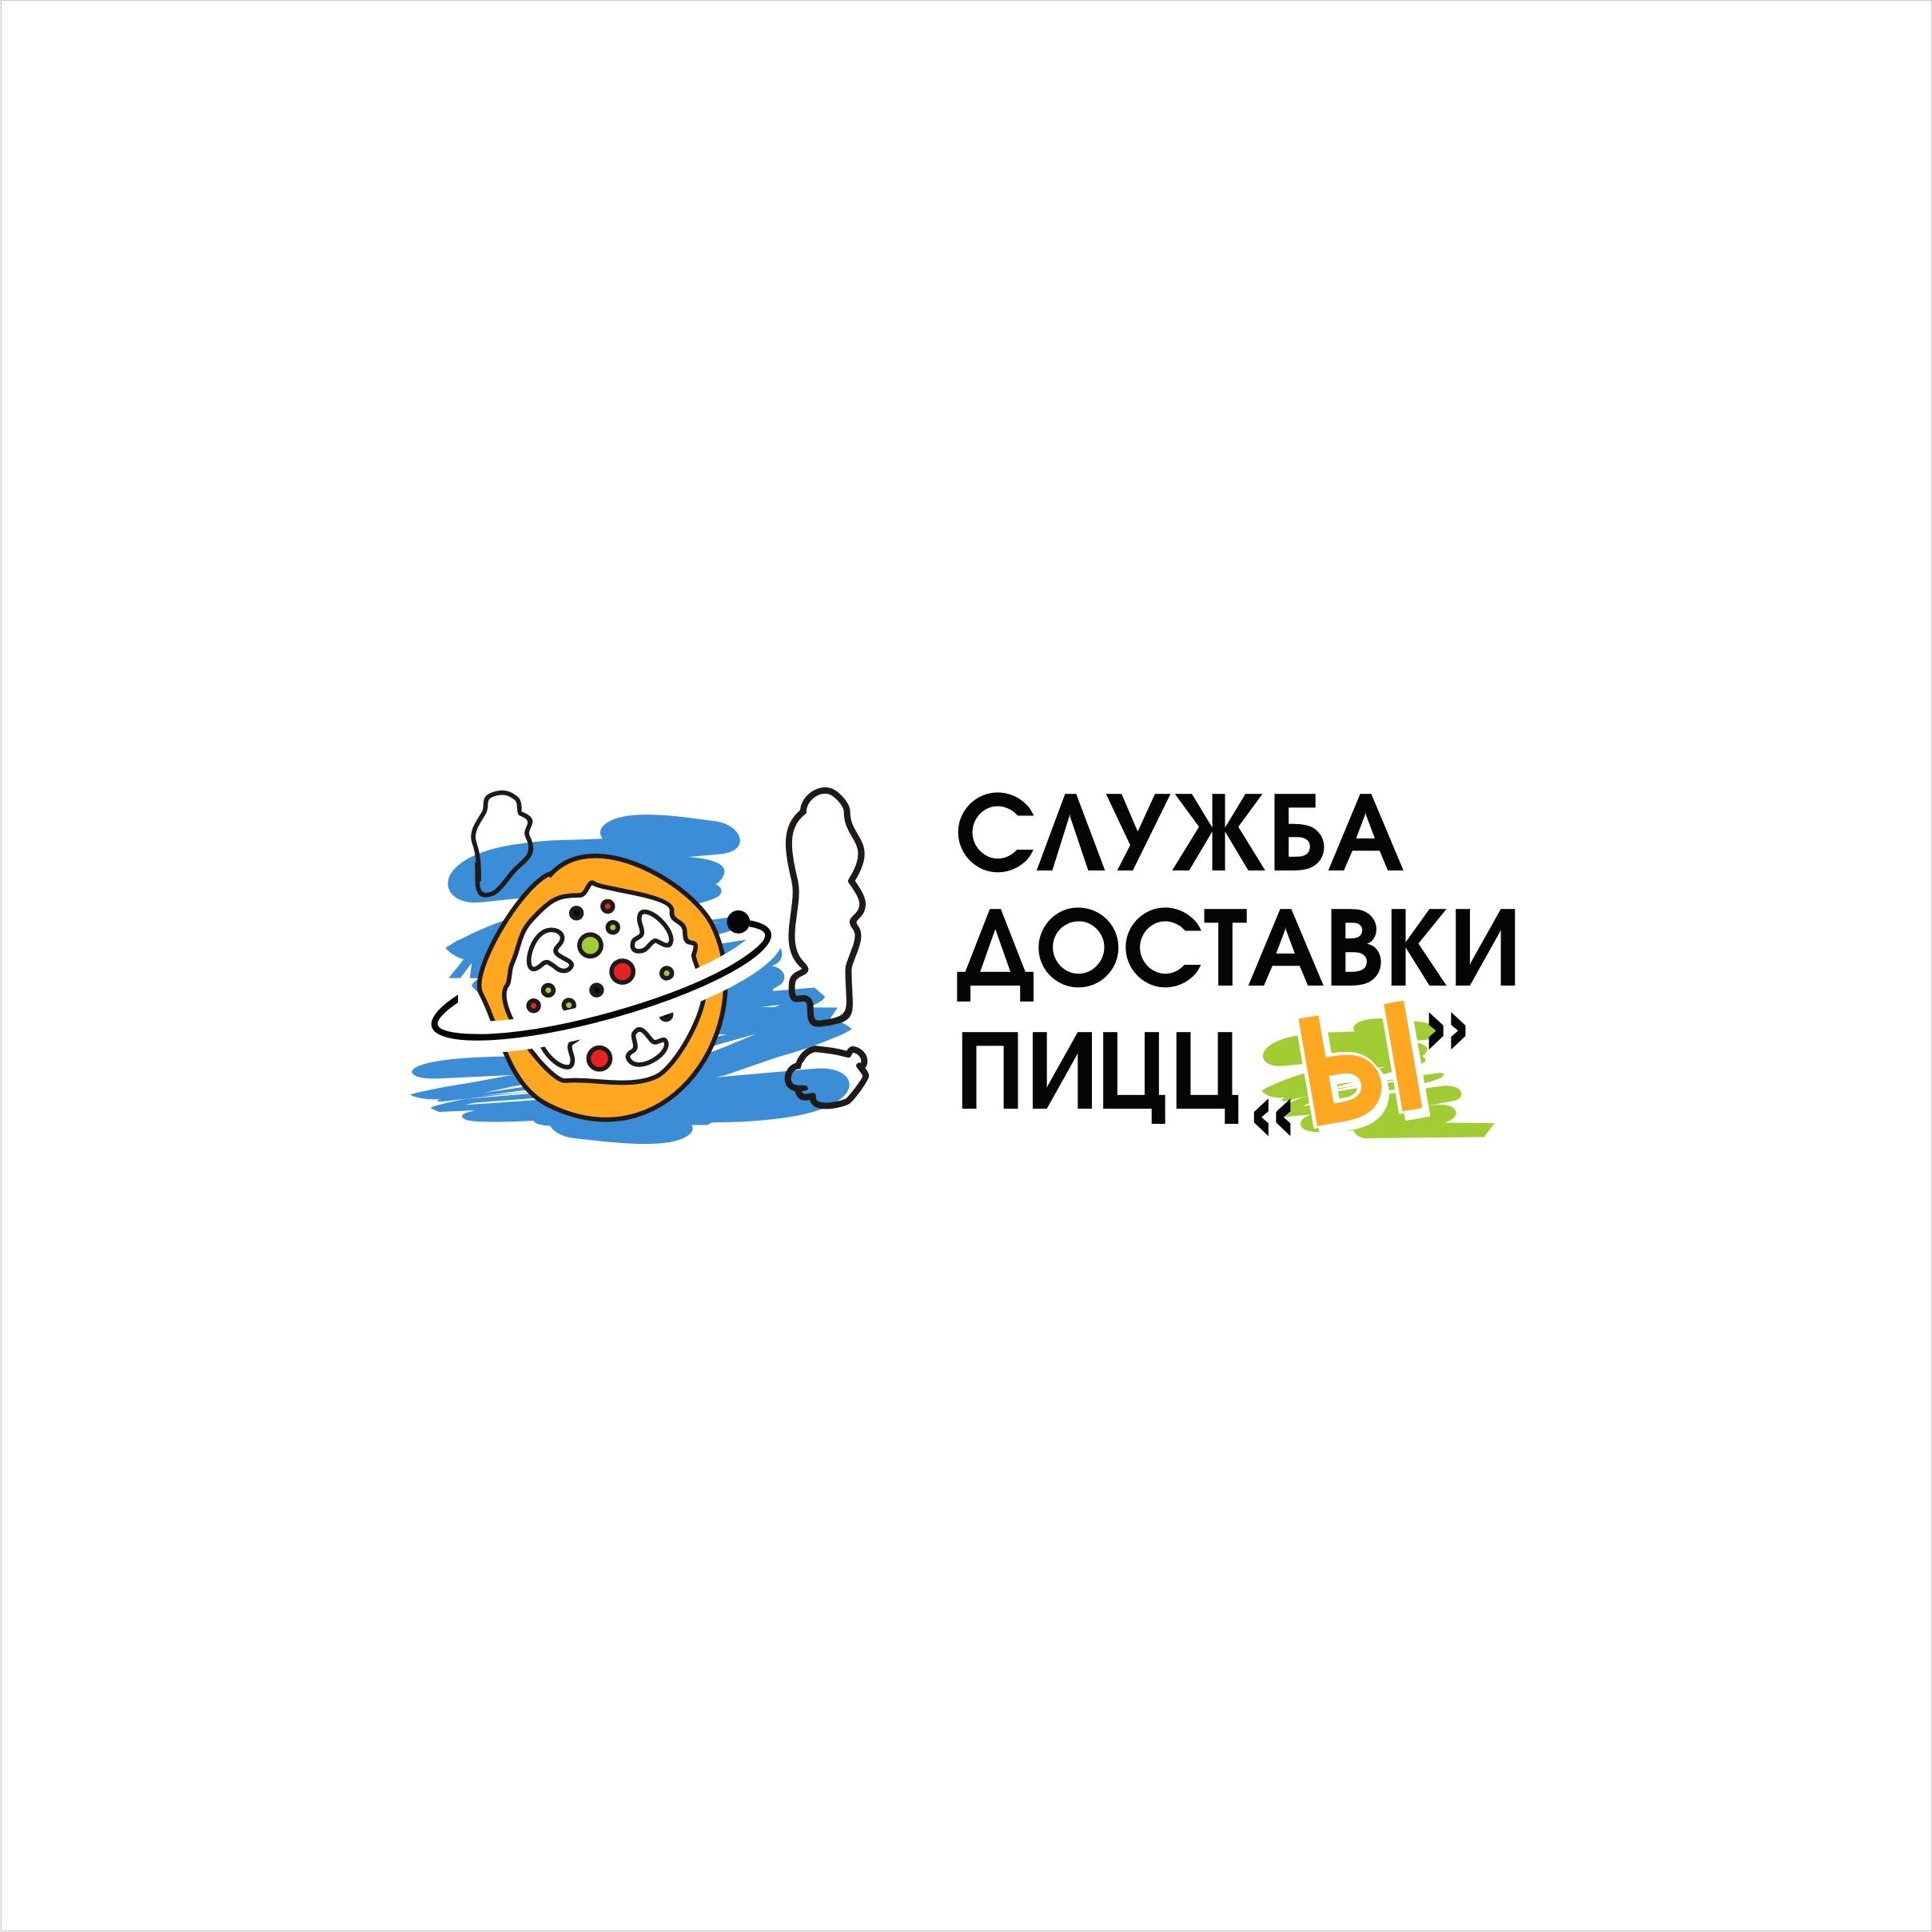 Разыскивается дизайнер для разработки лого службы доставки фото f_9835c35e625e162c.jpg